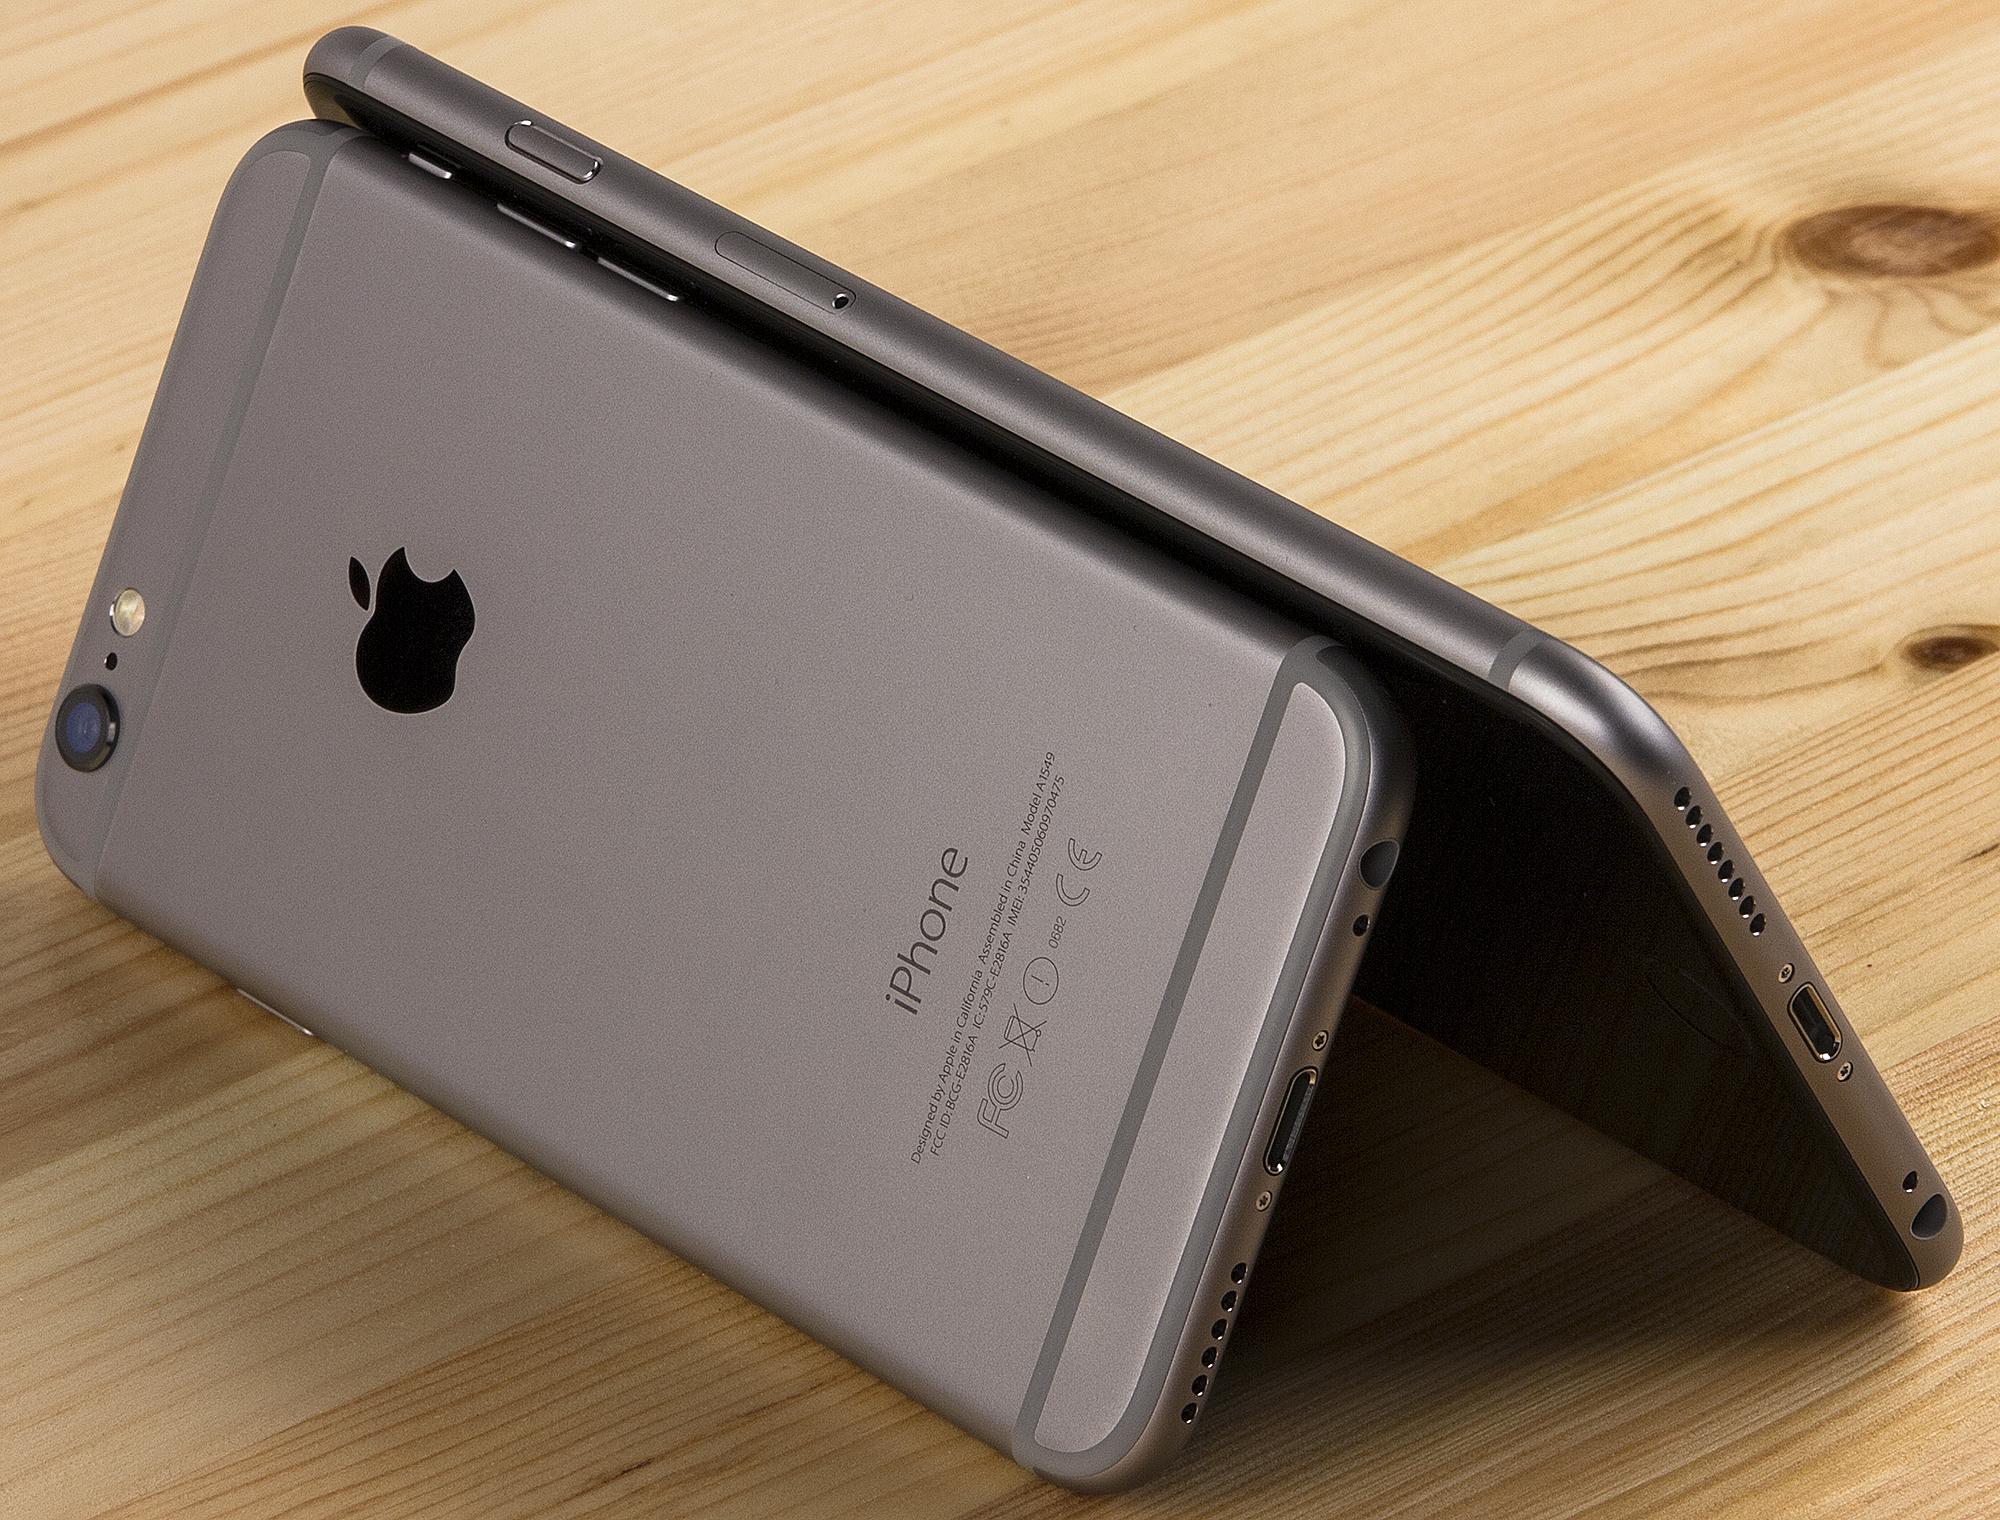 Подробный обзор и тестирование Apple iPhone 6 Plus e59017ec8b1da